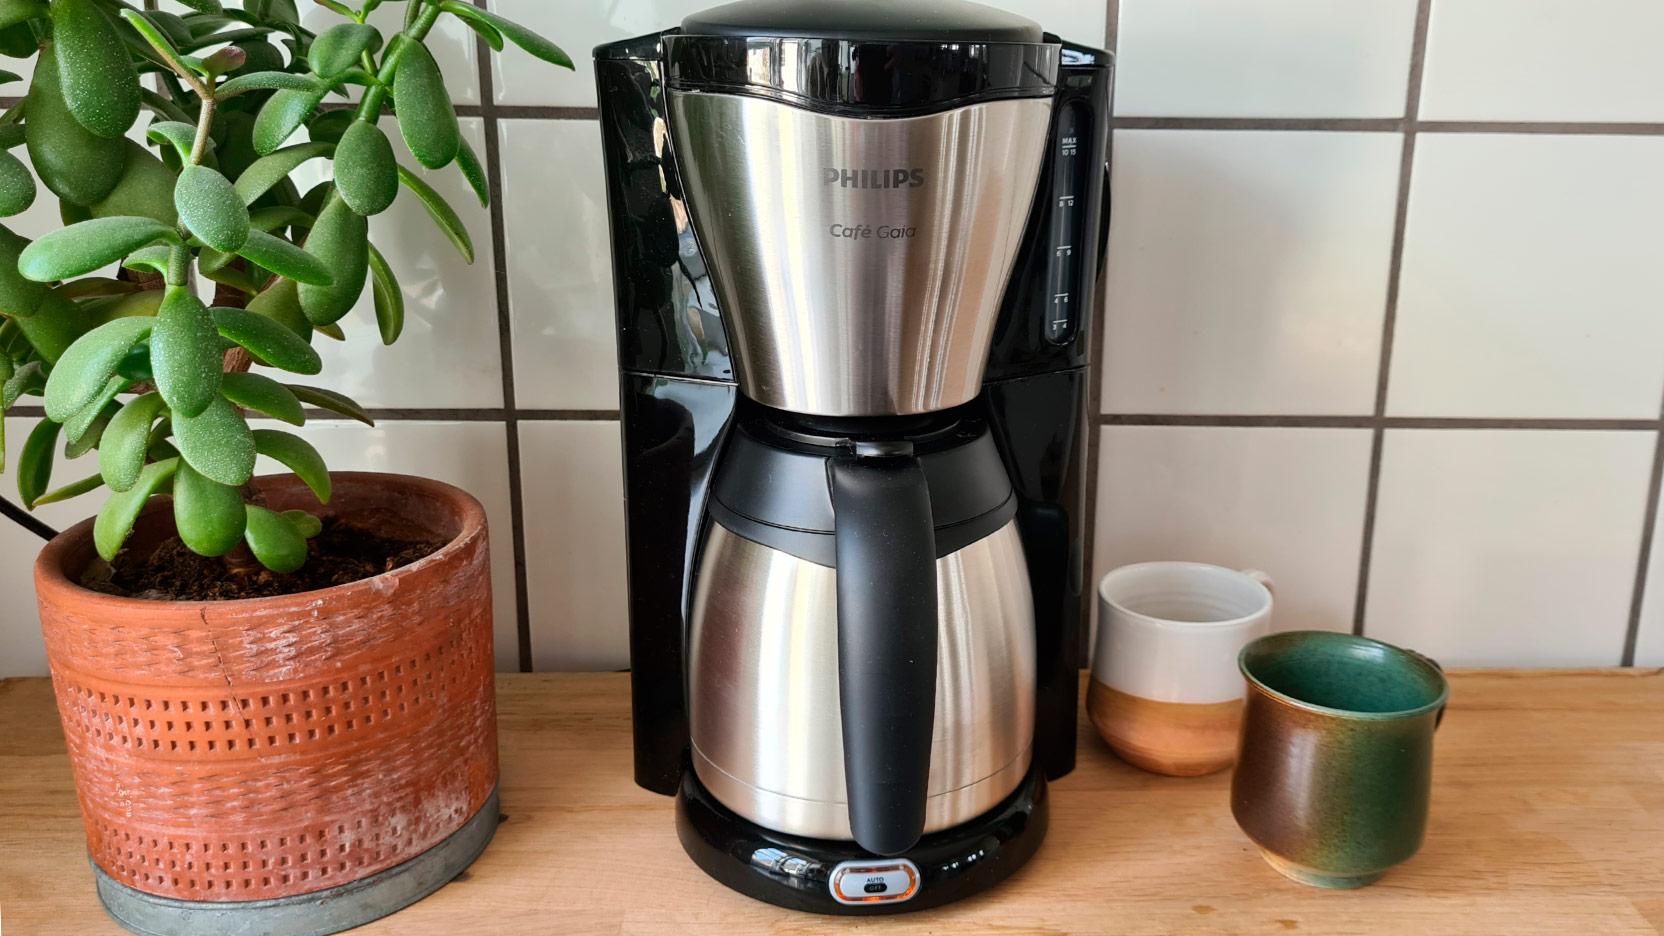 Bild på Philips HD7456 Café Gaia, som brygger en kanna kaffe